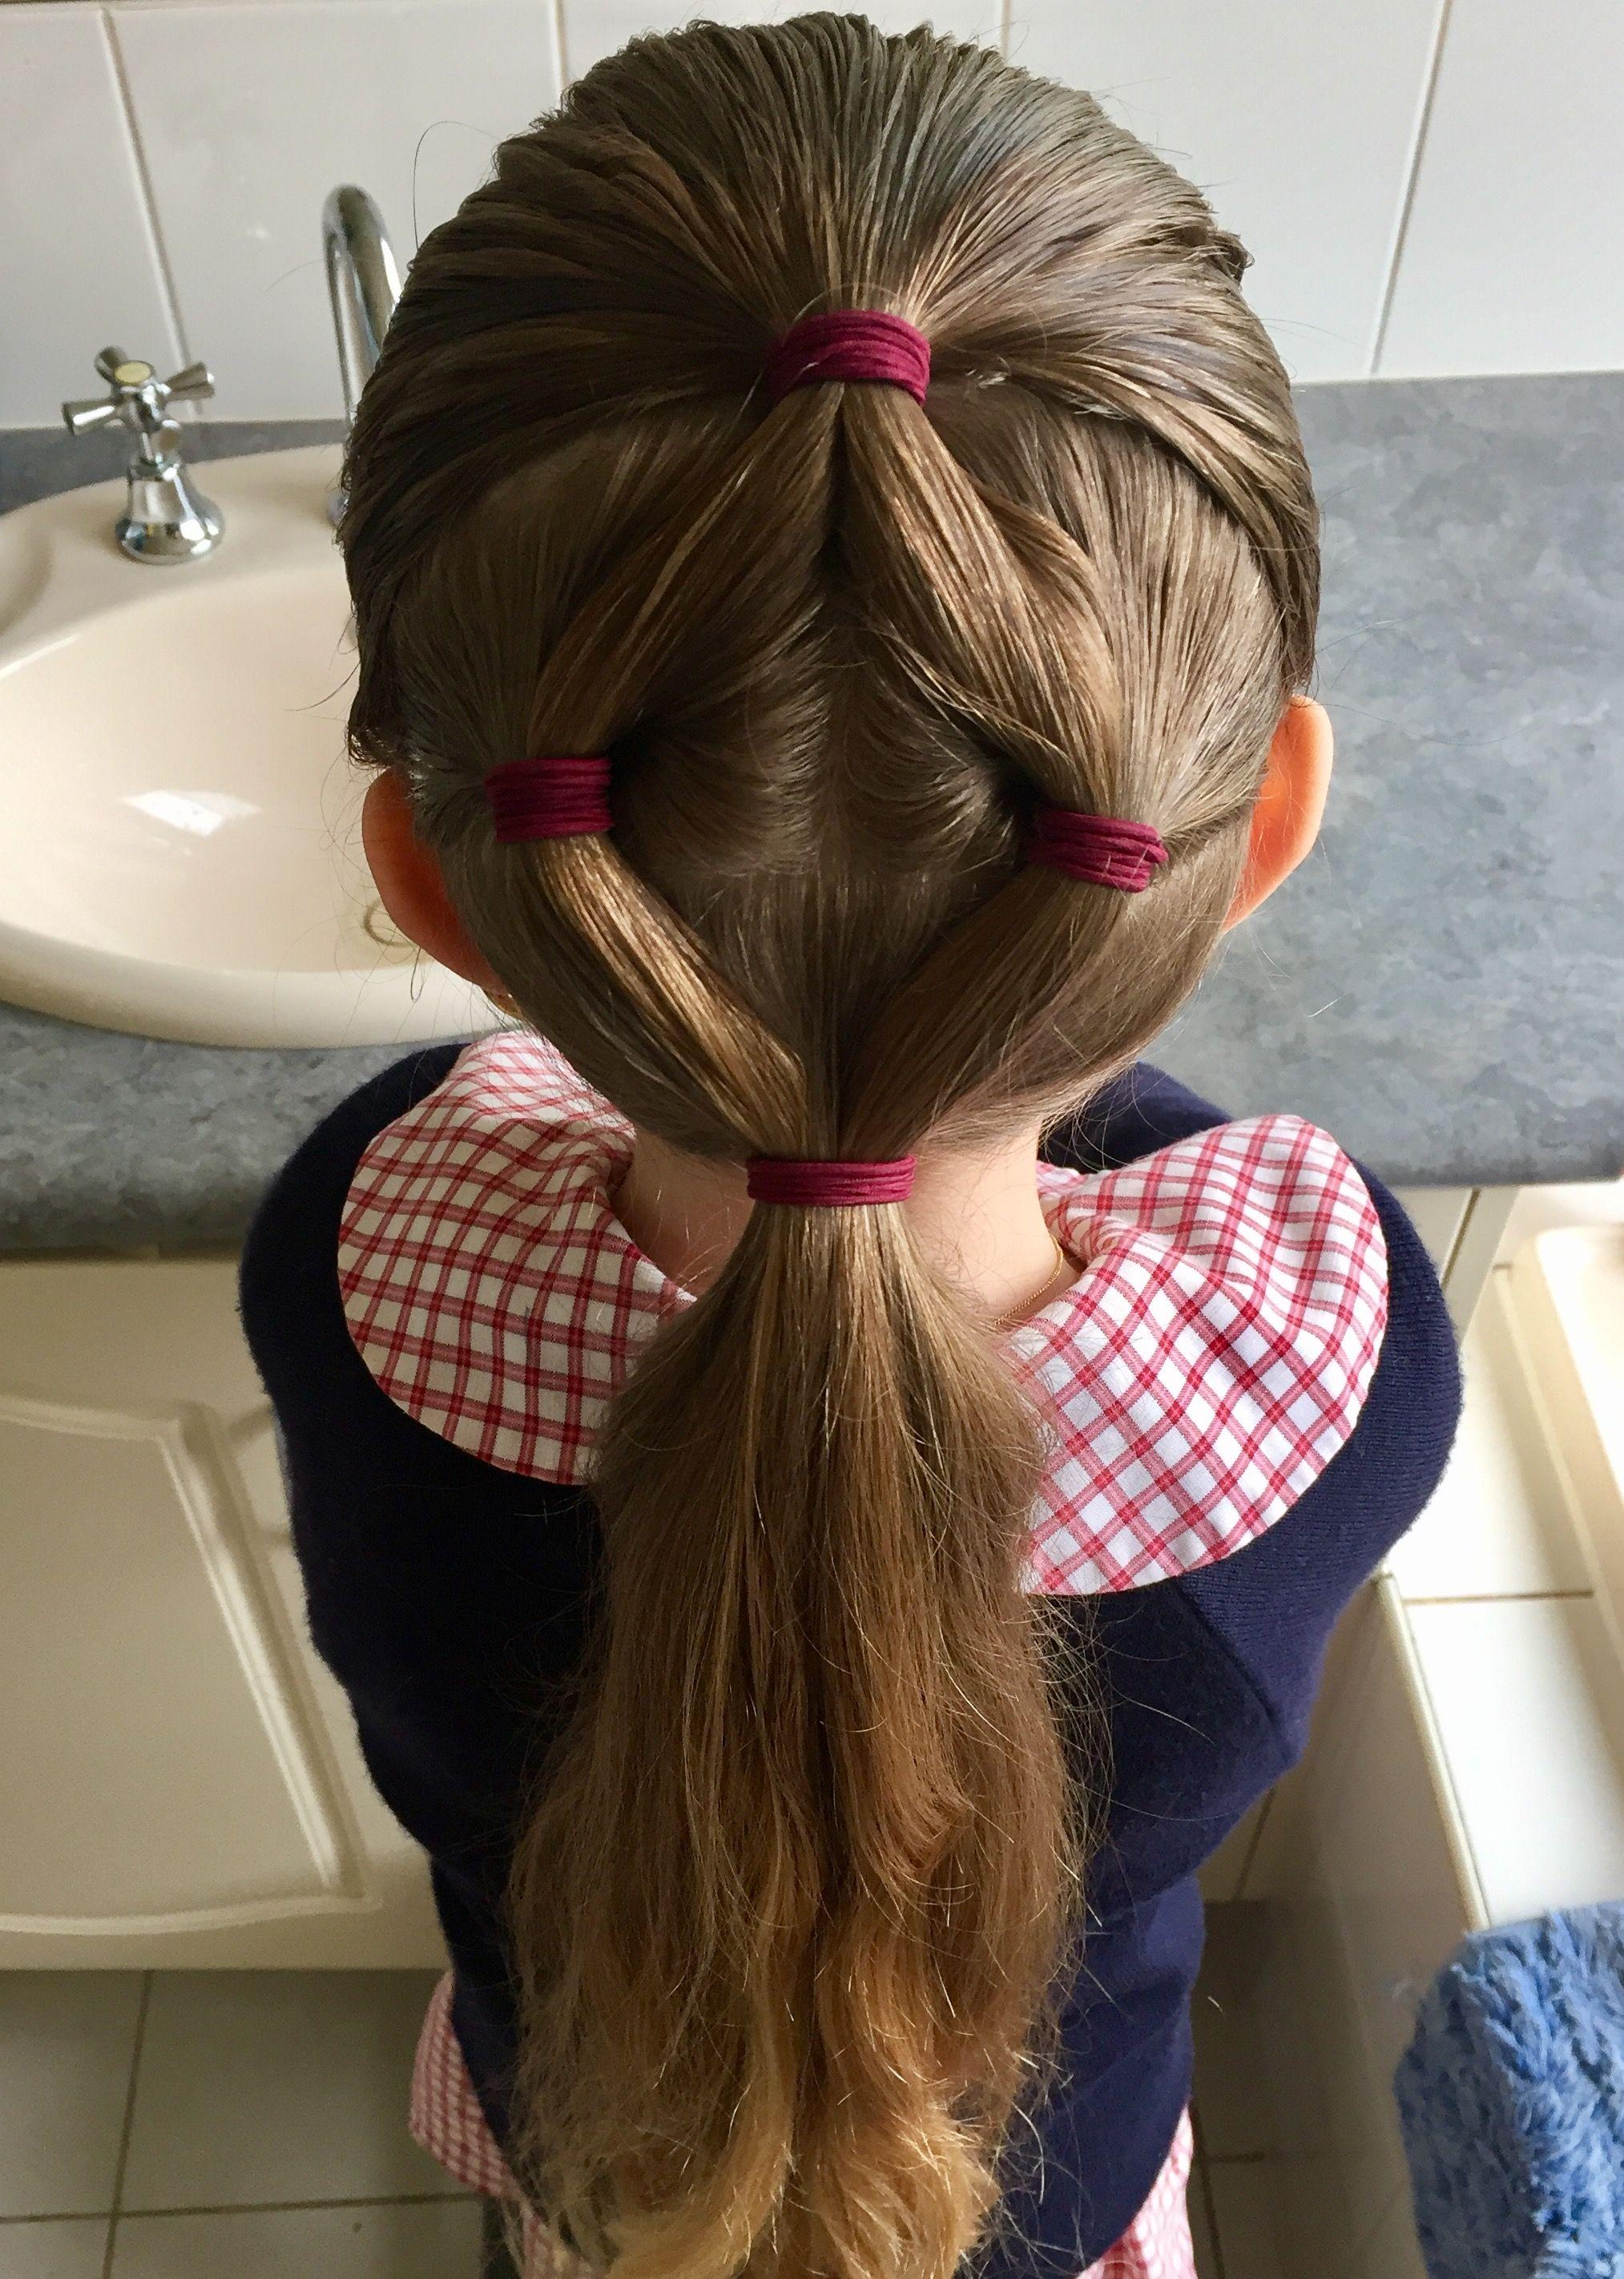 بالصور بالصور تسريحات شعر للاطفال , طرق مبتكرة لتصفيف شعر ابنتك بشكل جذاب ورقيق 6211 5